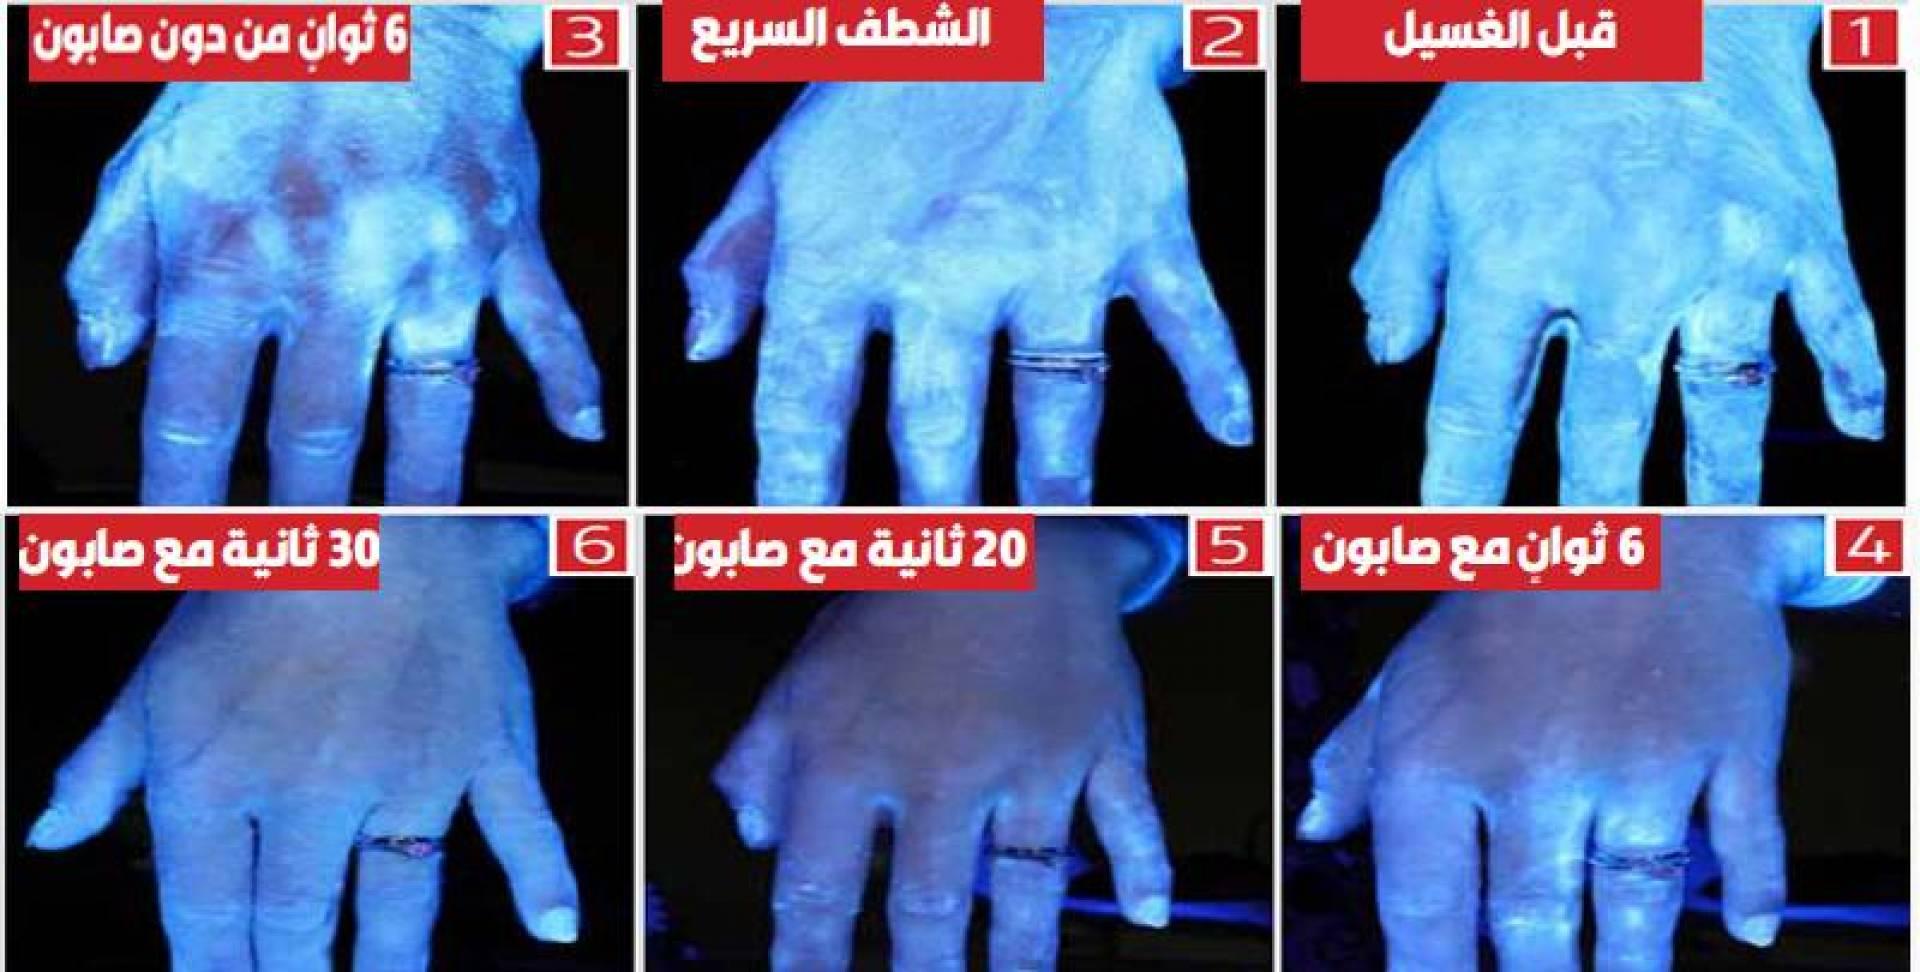 6 صور تكشف الطريقة الصحيحة لغسل الأيدي وقتل الجراثيم